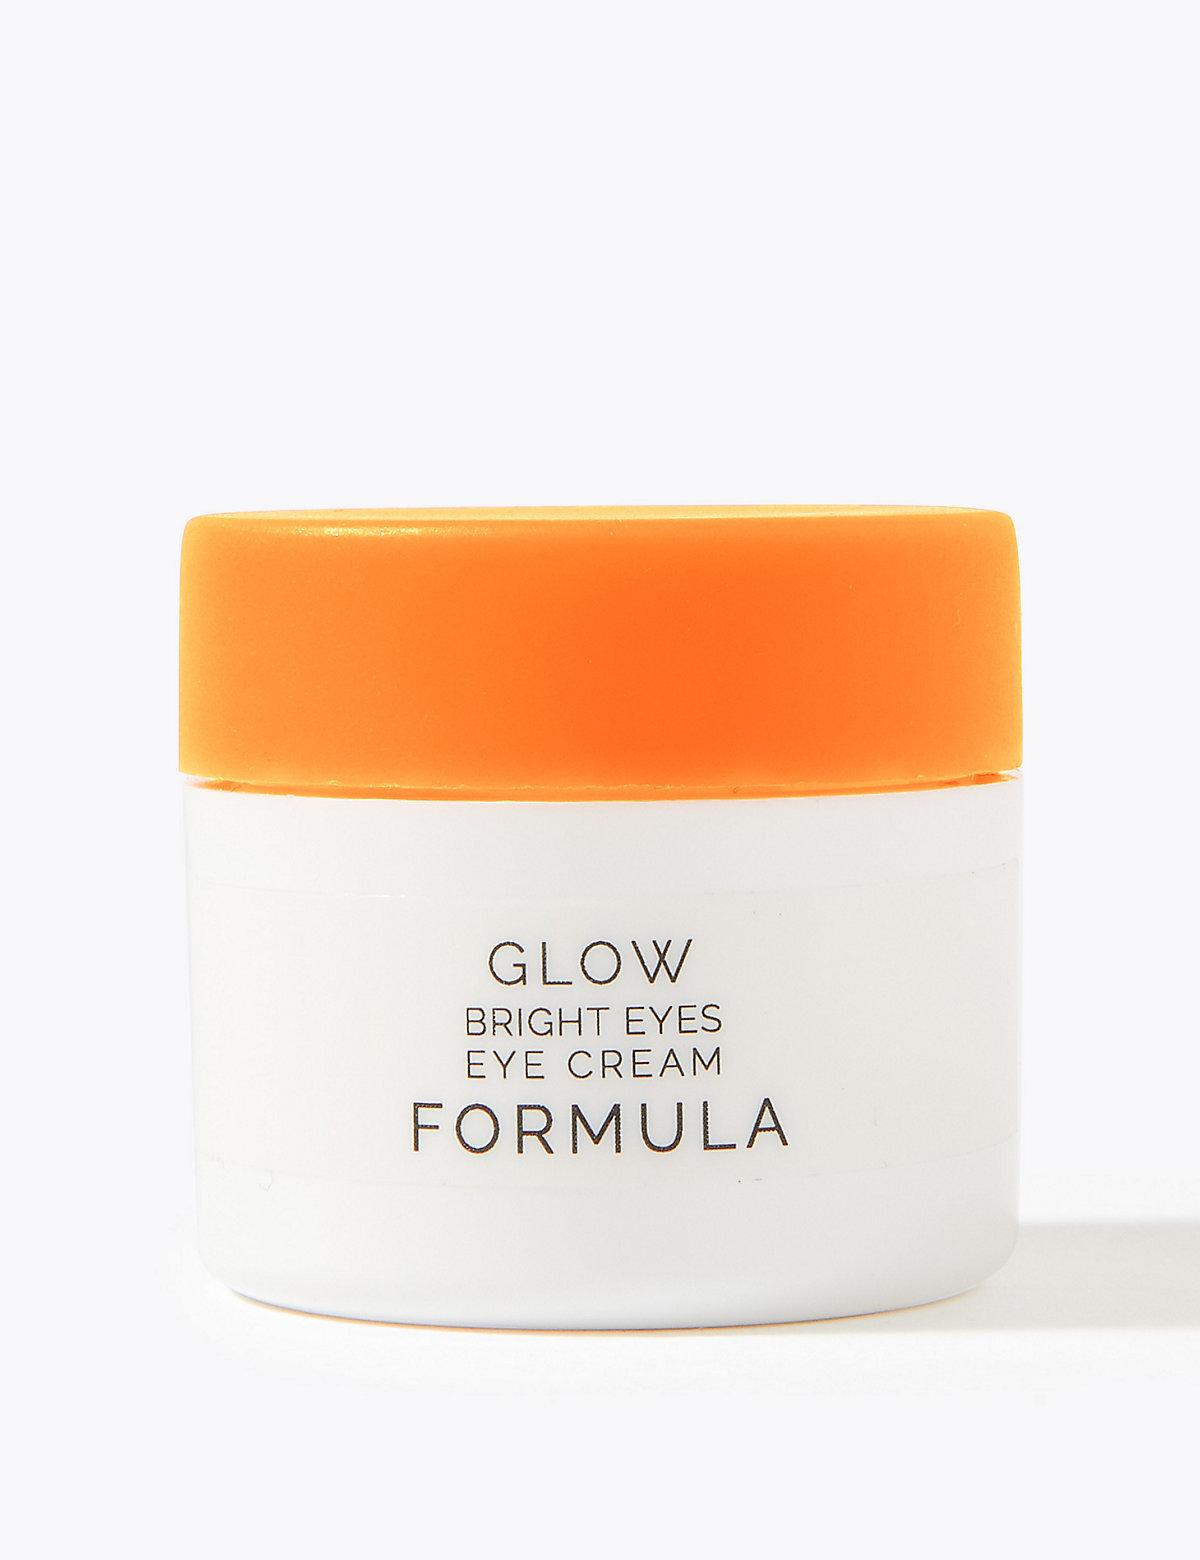 Formula Glow Bright Eyes Eye Cream 15ml